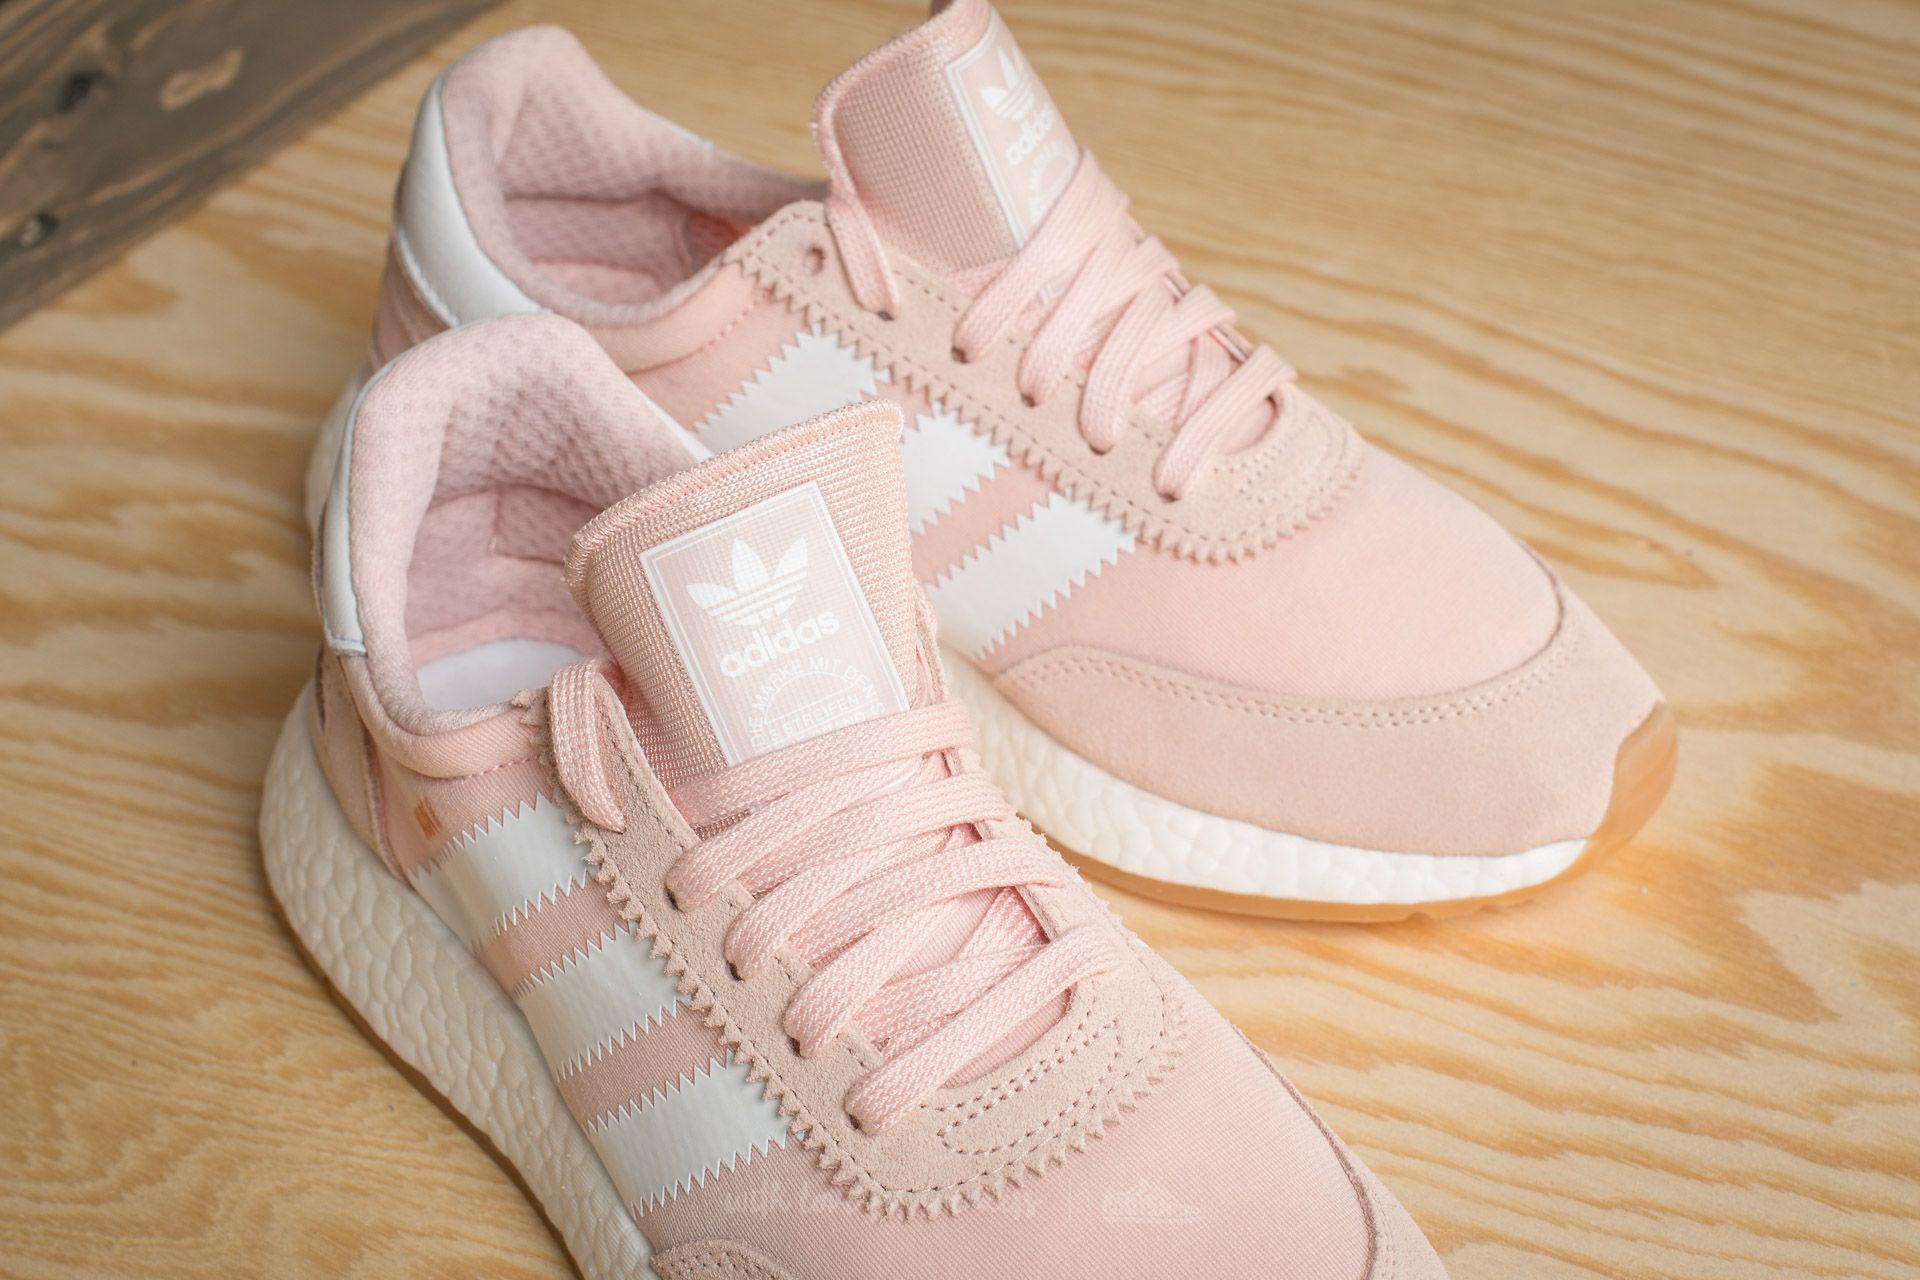 Lyst - adidas Originals Adidas Iniki Runner W Icey Pink  Ftw White  Gum 39e554350